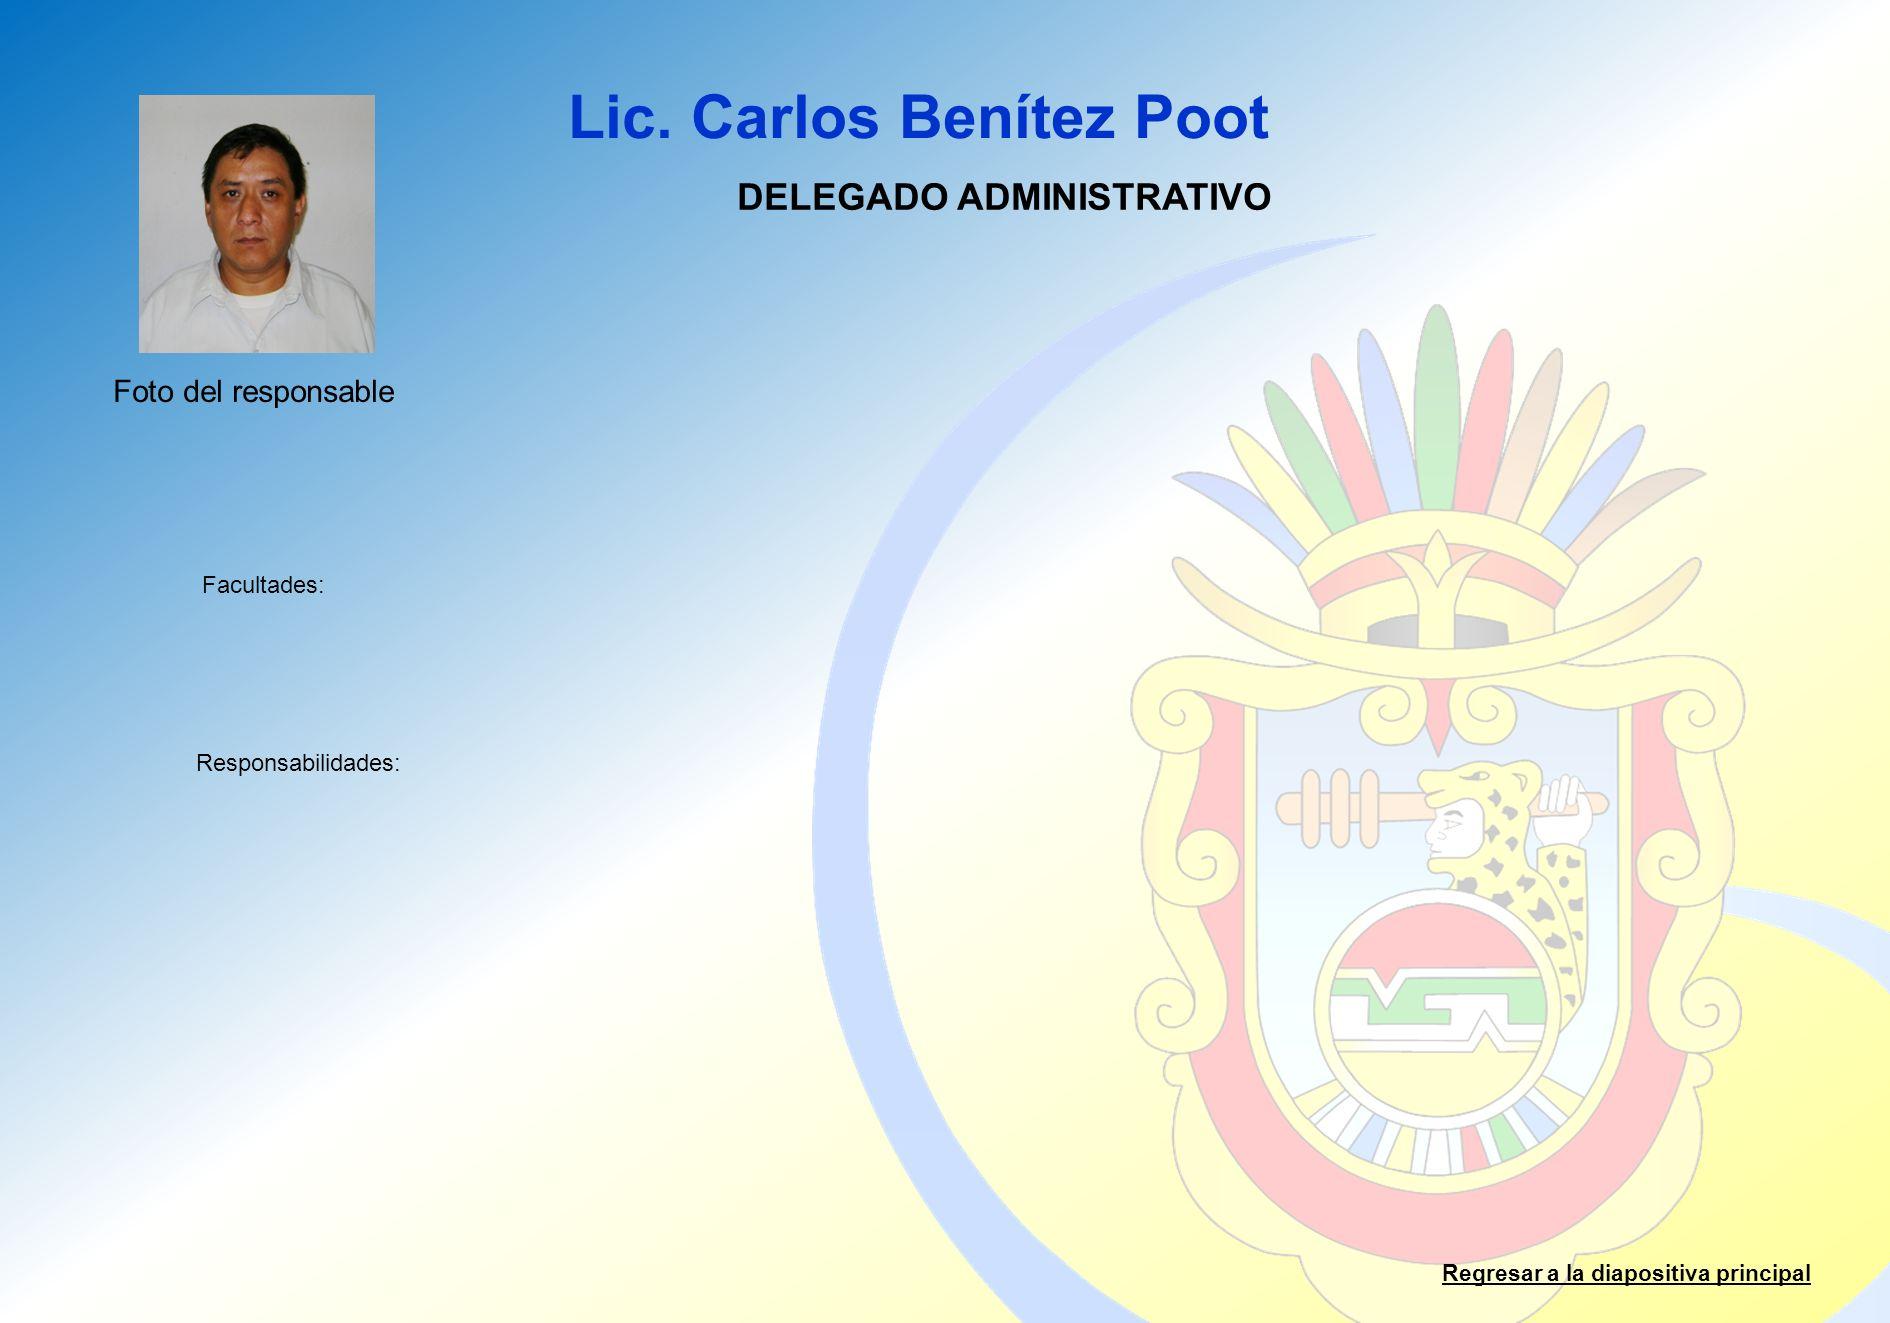 Lic. Carlos Benítez Poot Facultades: Responsabilidades: Regresar a la diapositiva principal DELEGADO ADMINISTRATIVO Foto del responsable